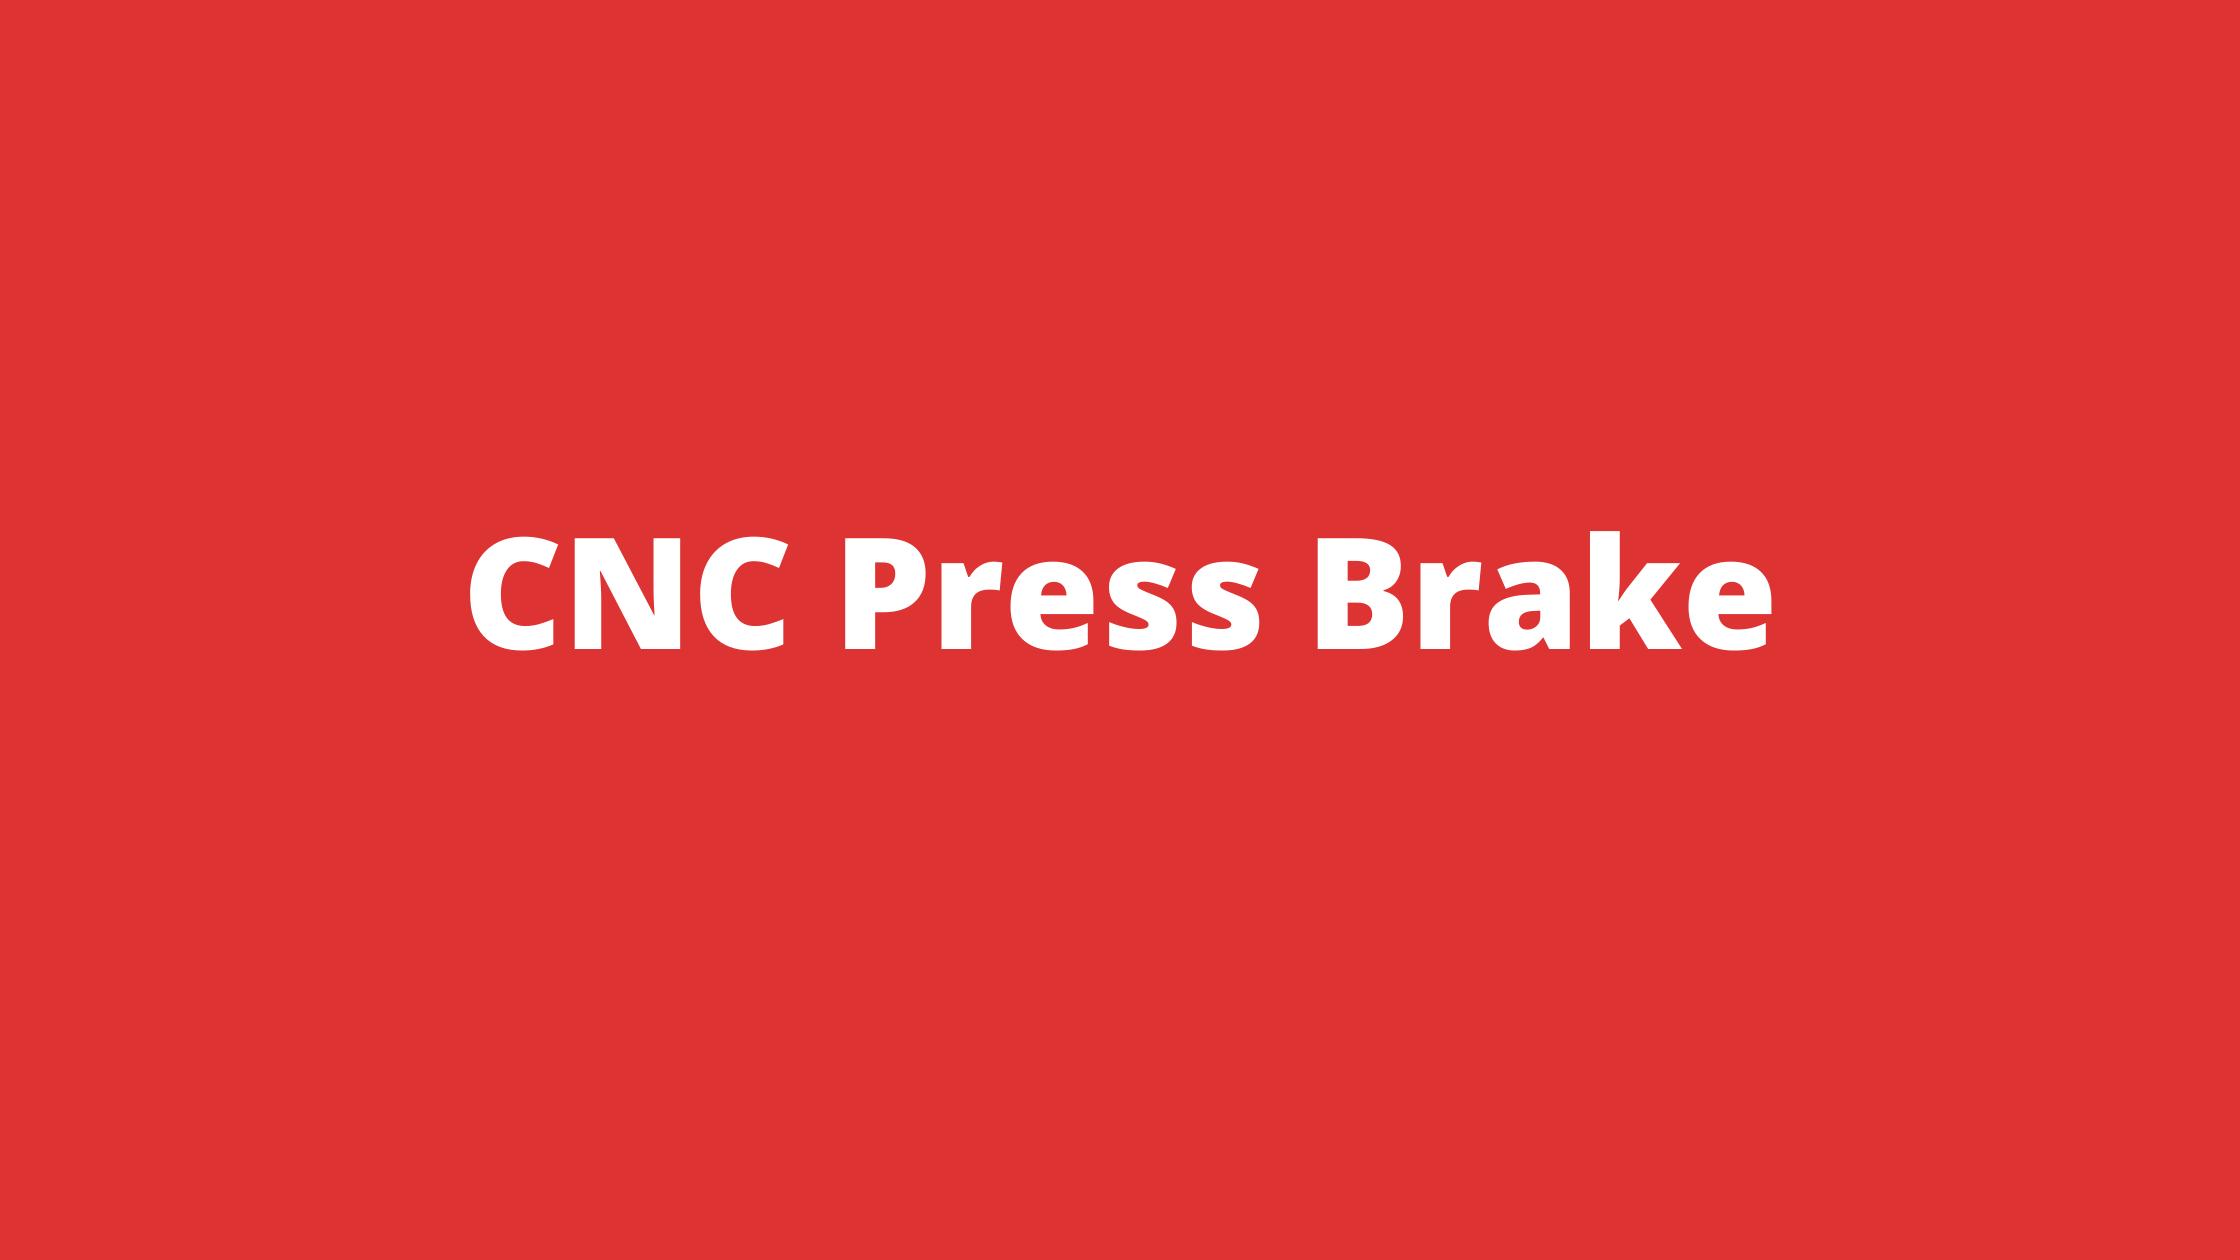 What is a CNC Press Brake?